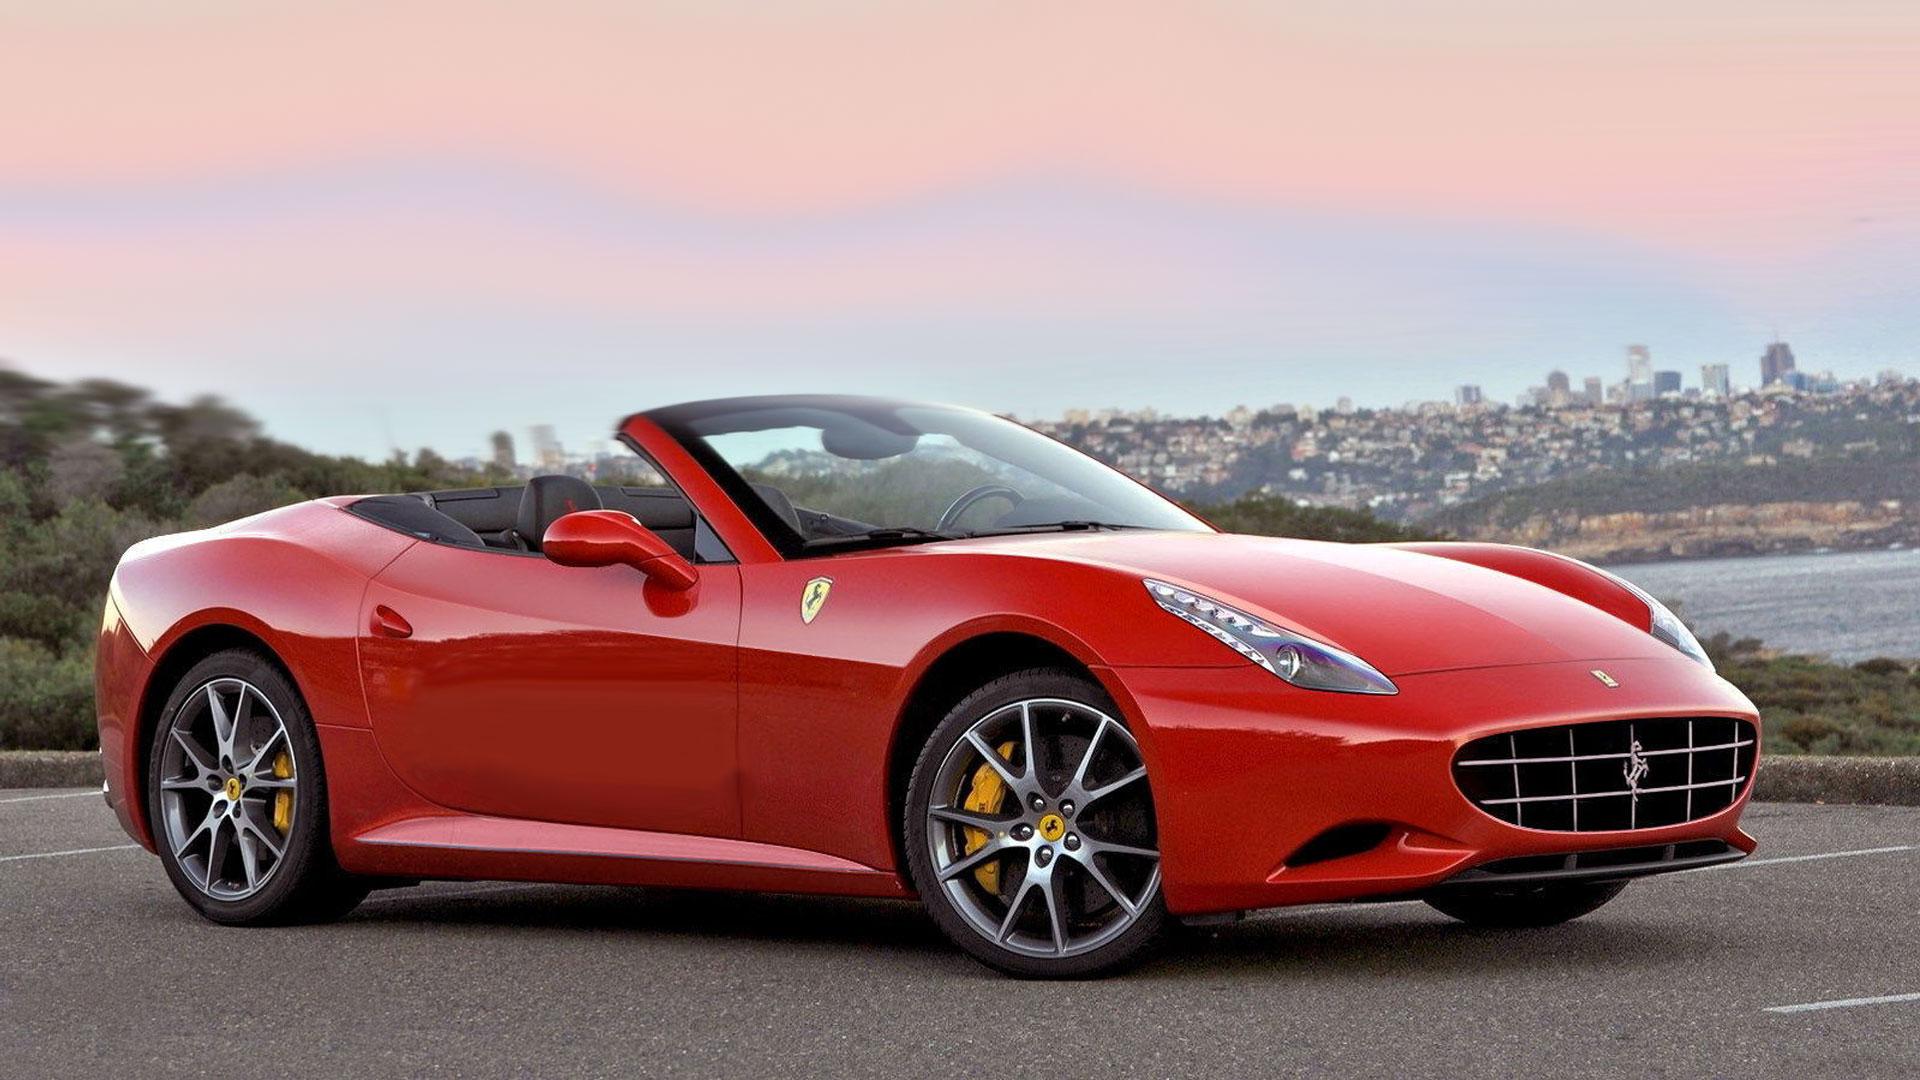 Ferrari Certified Pre-Owned